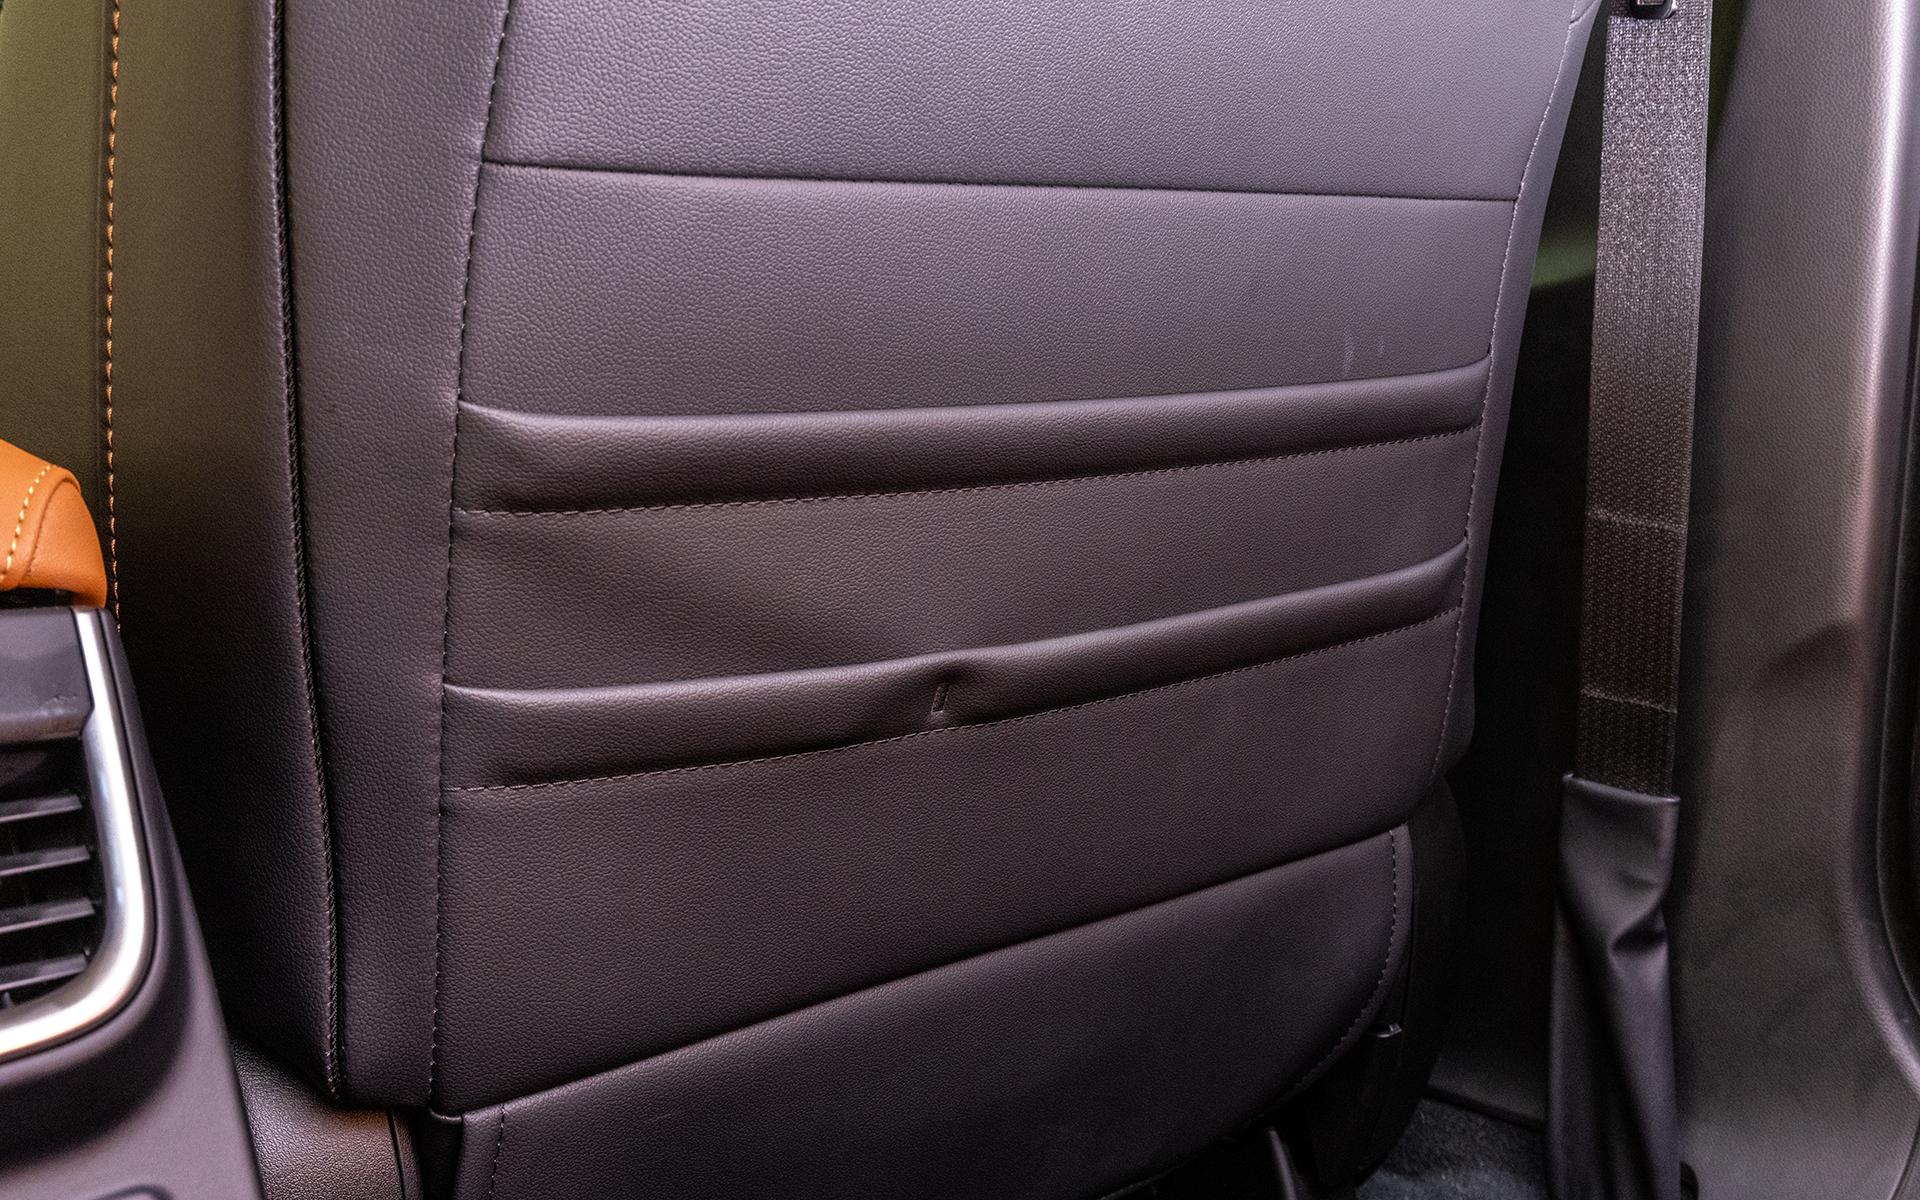 フロントシート背面はポケットタイプの収納がある